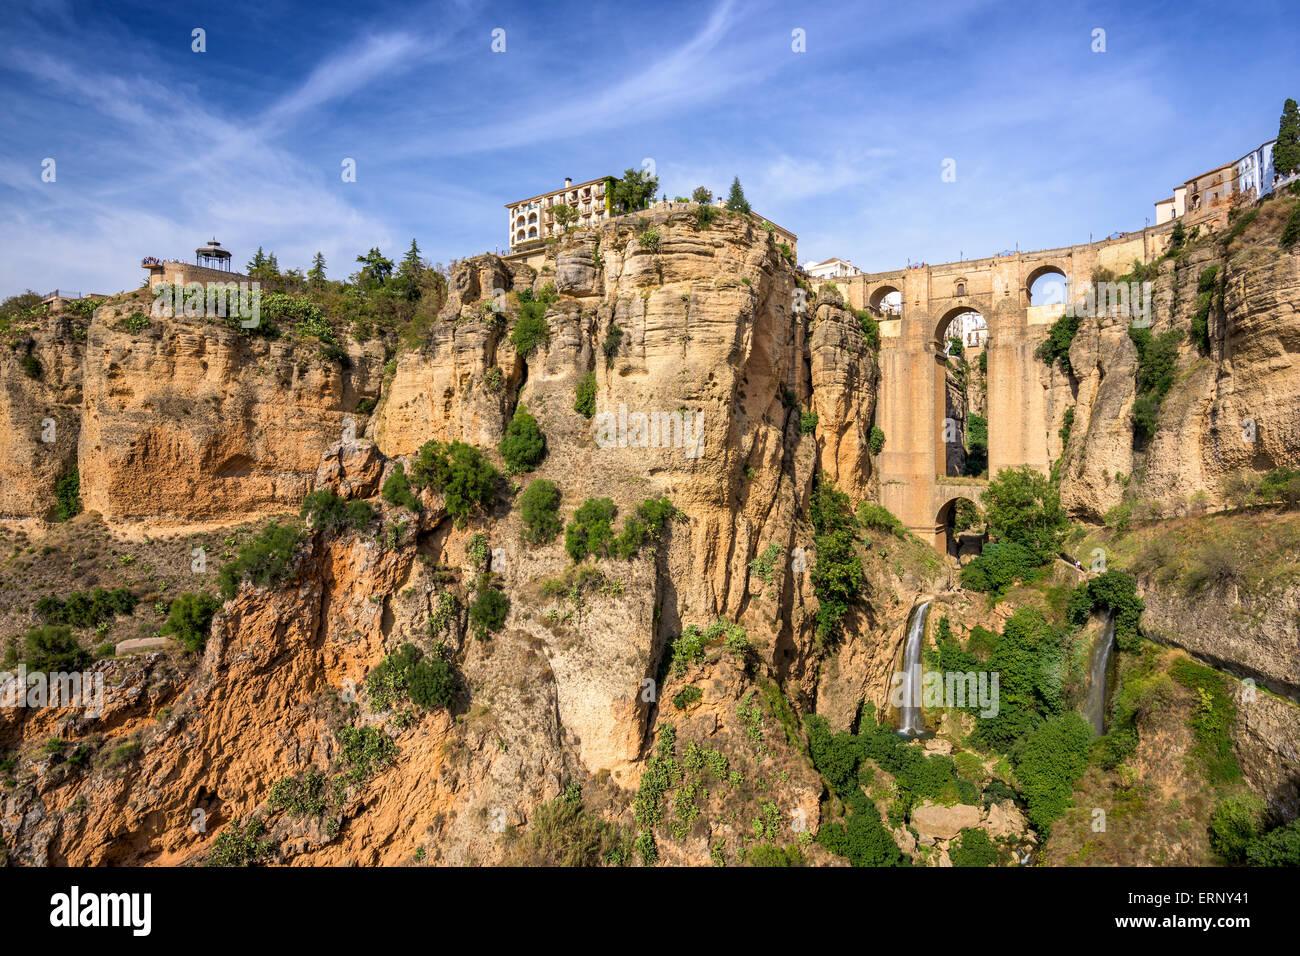 Ronda, España en el Puente Nuevo Puente. Imagen De Stock